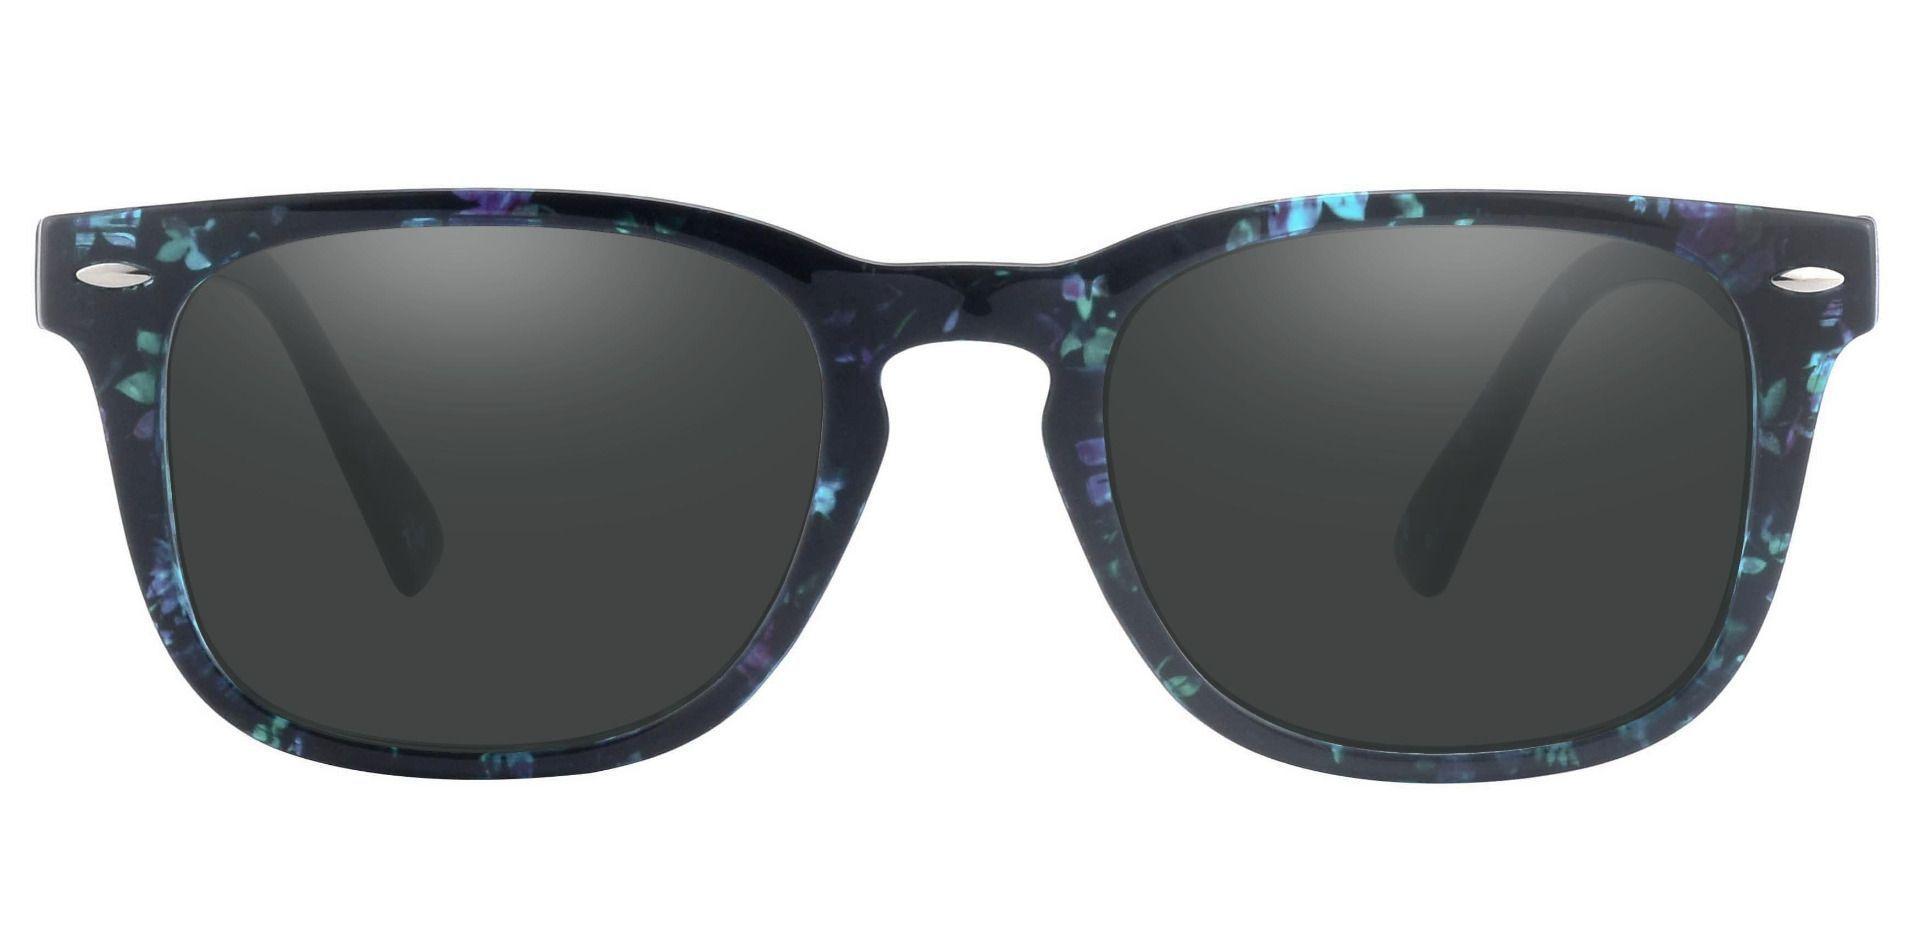 Ontario Square Prescription Sunglasses - Multi Frame With Gray Lenses